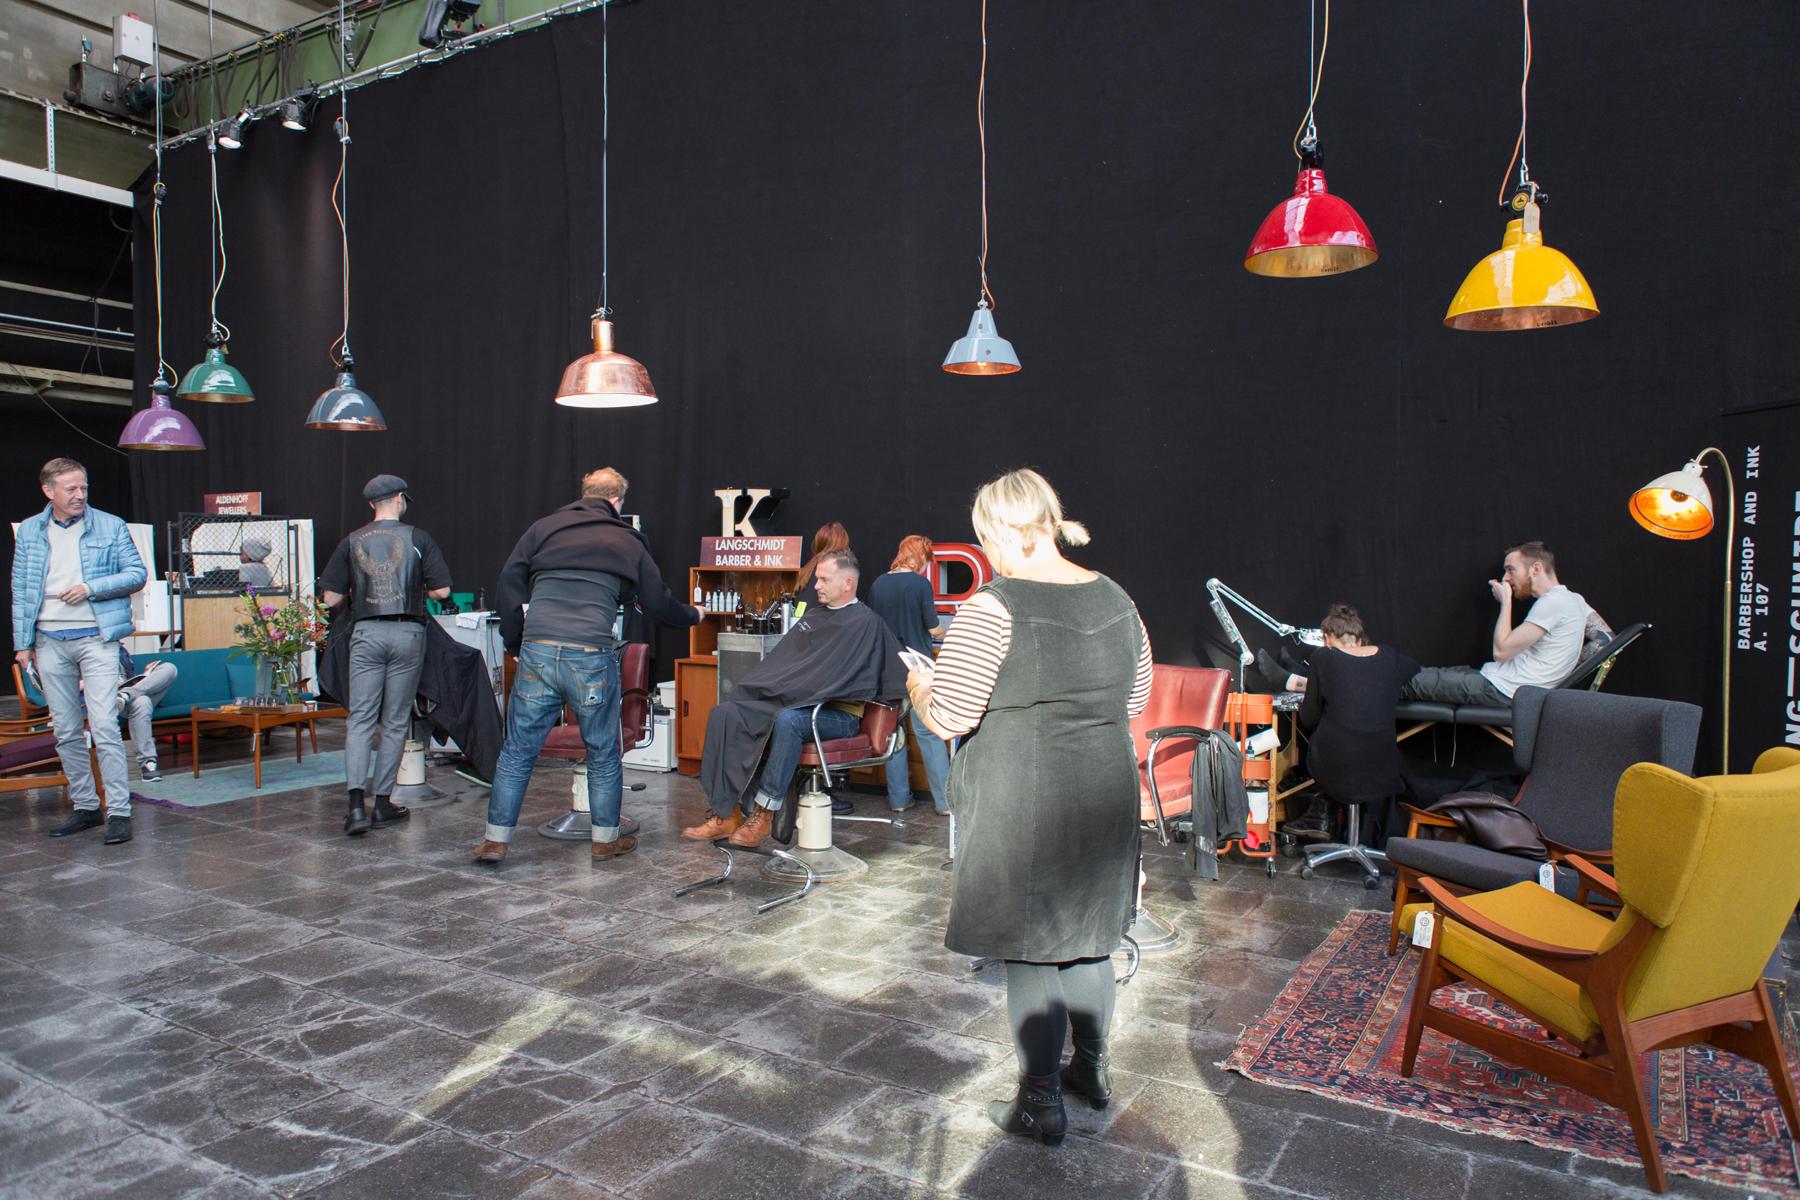 Ausstattung Barbershop, New Herritage, Messe für einzigartige Dinge, Düsseldorf 2018